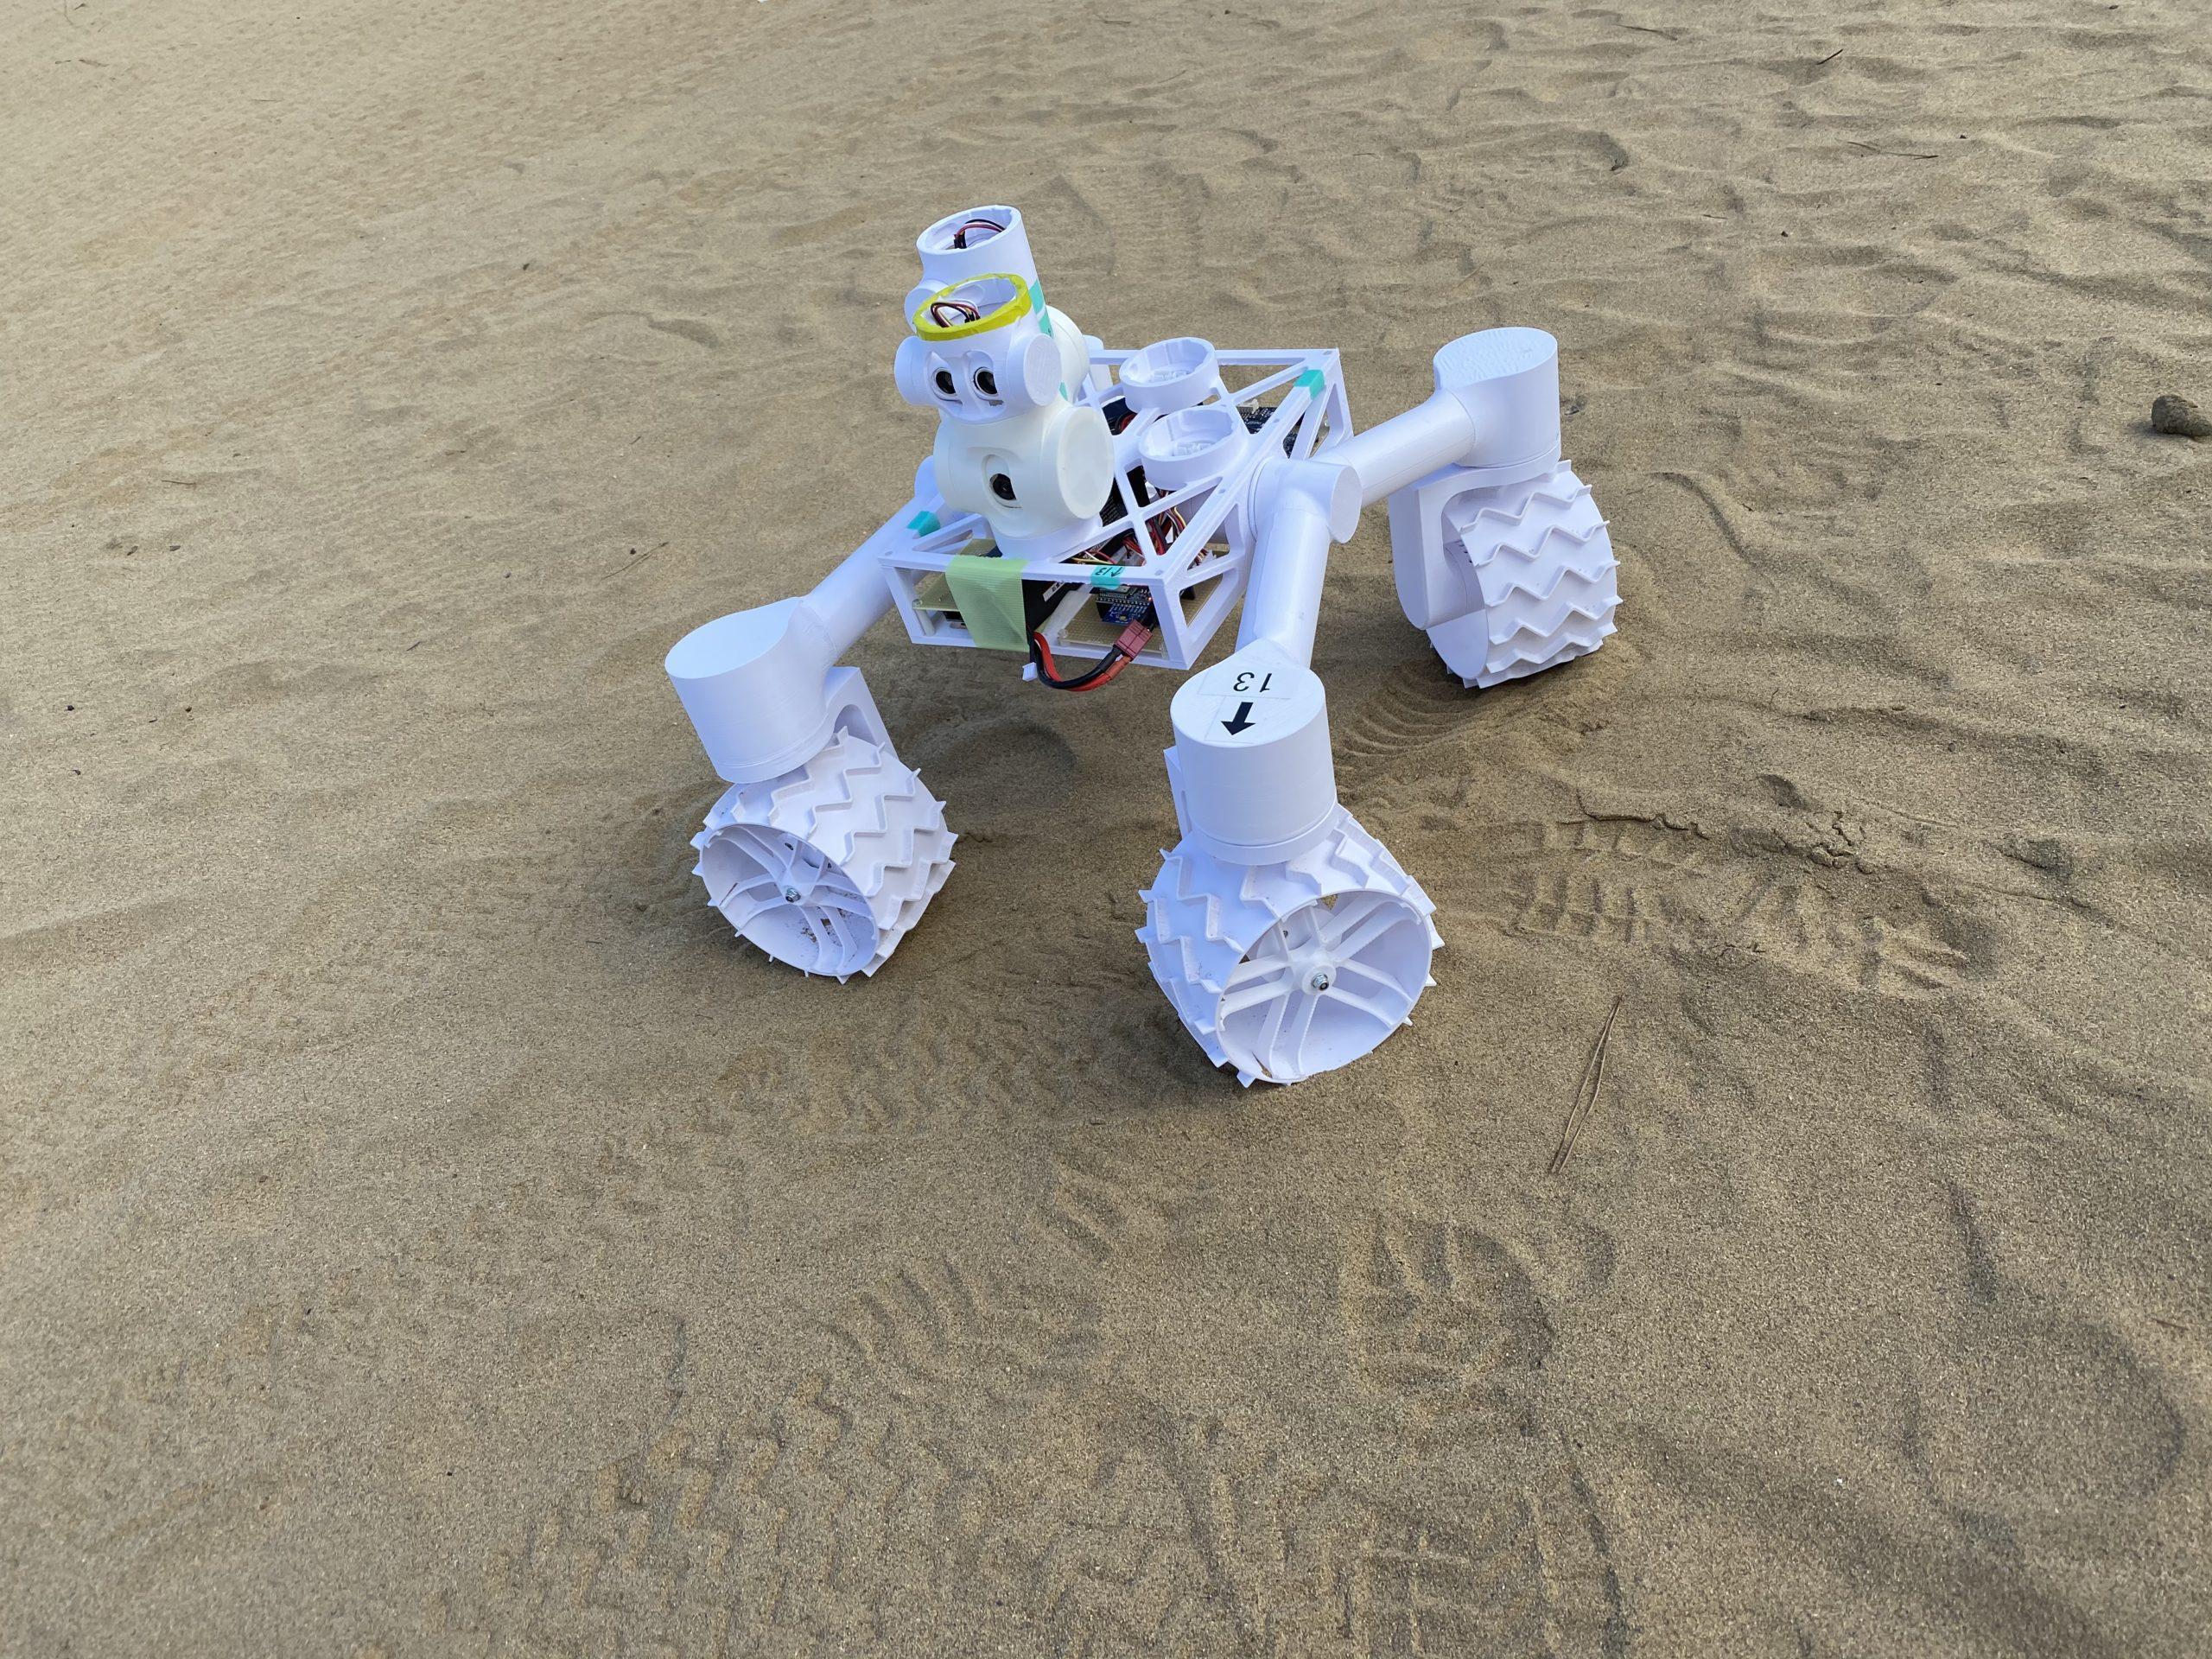 鳥取砂丘でローバー体験イベントを実施